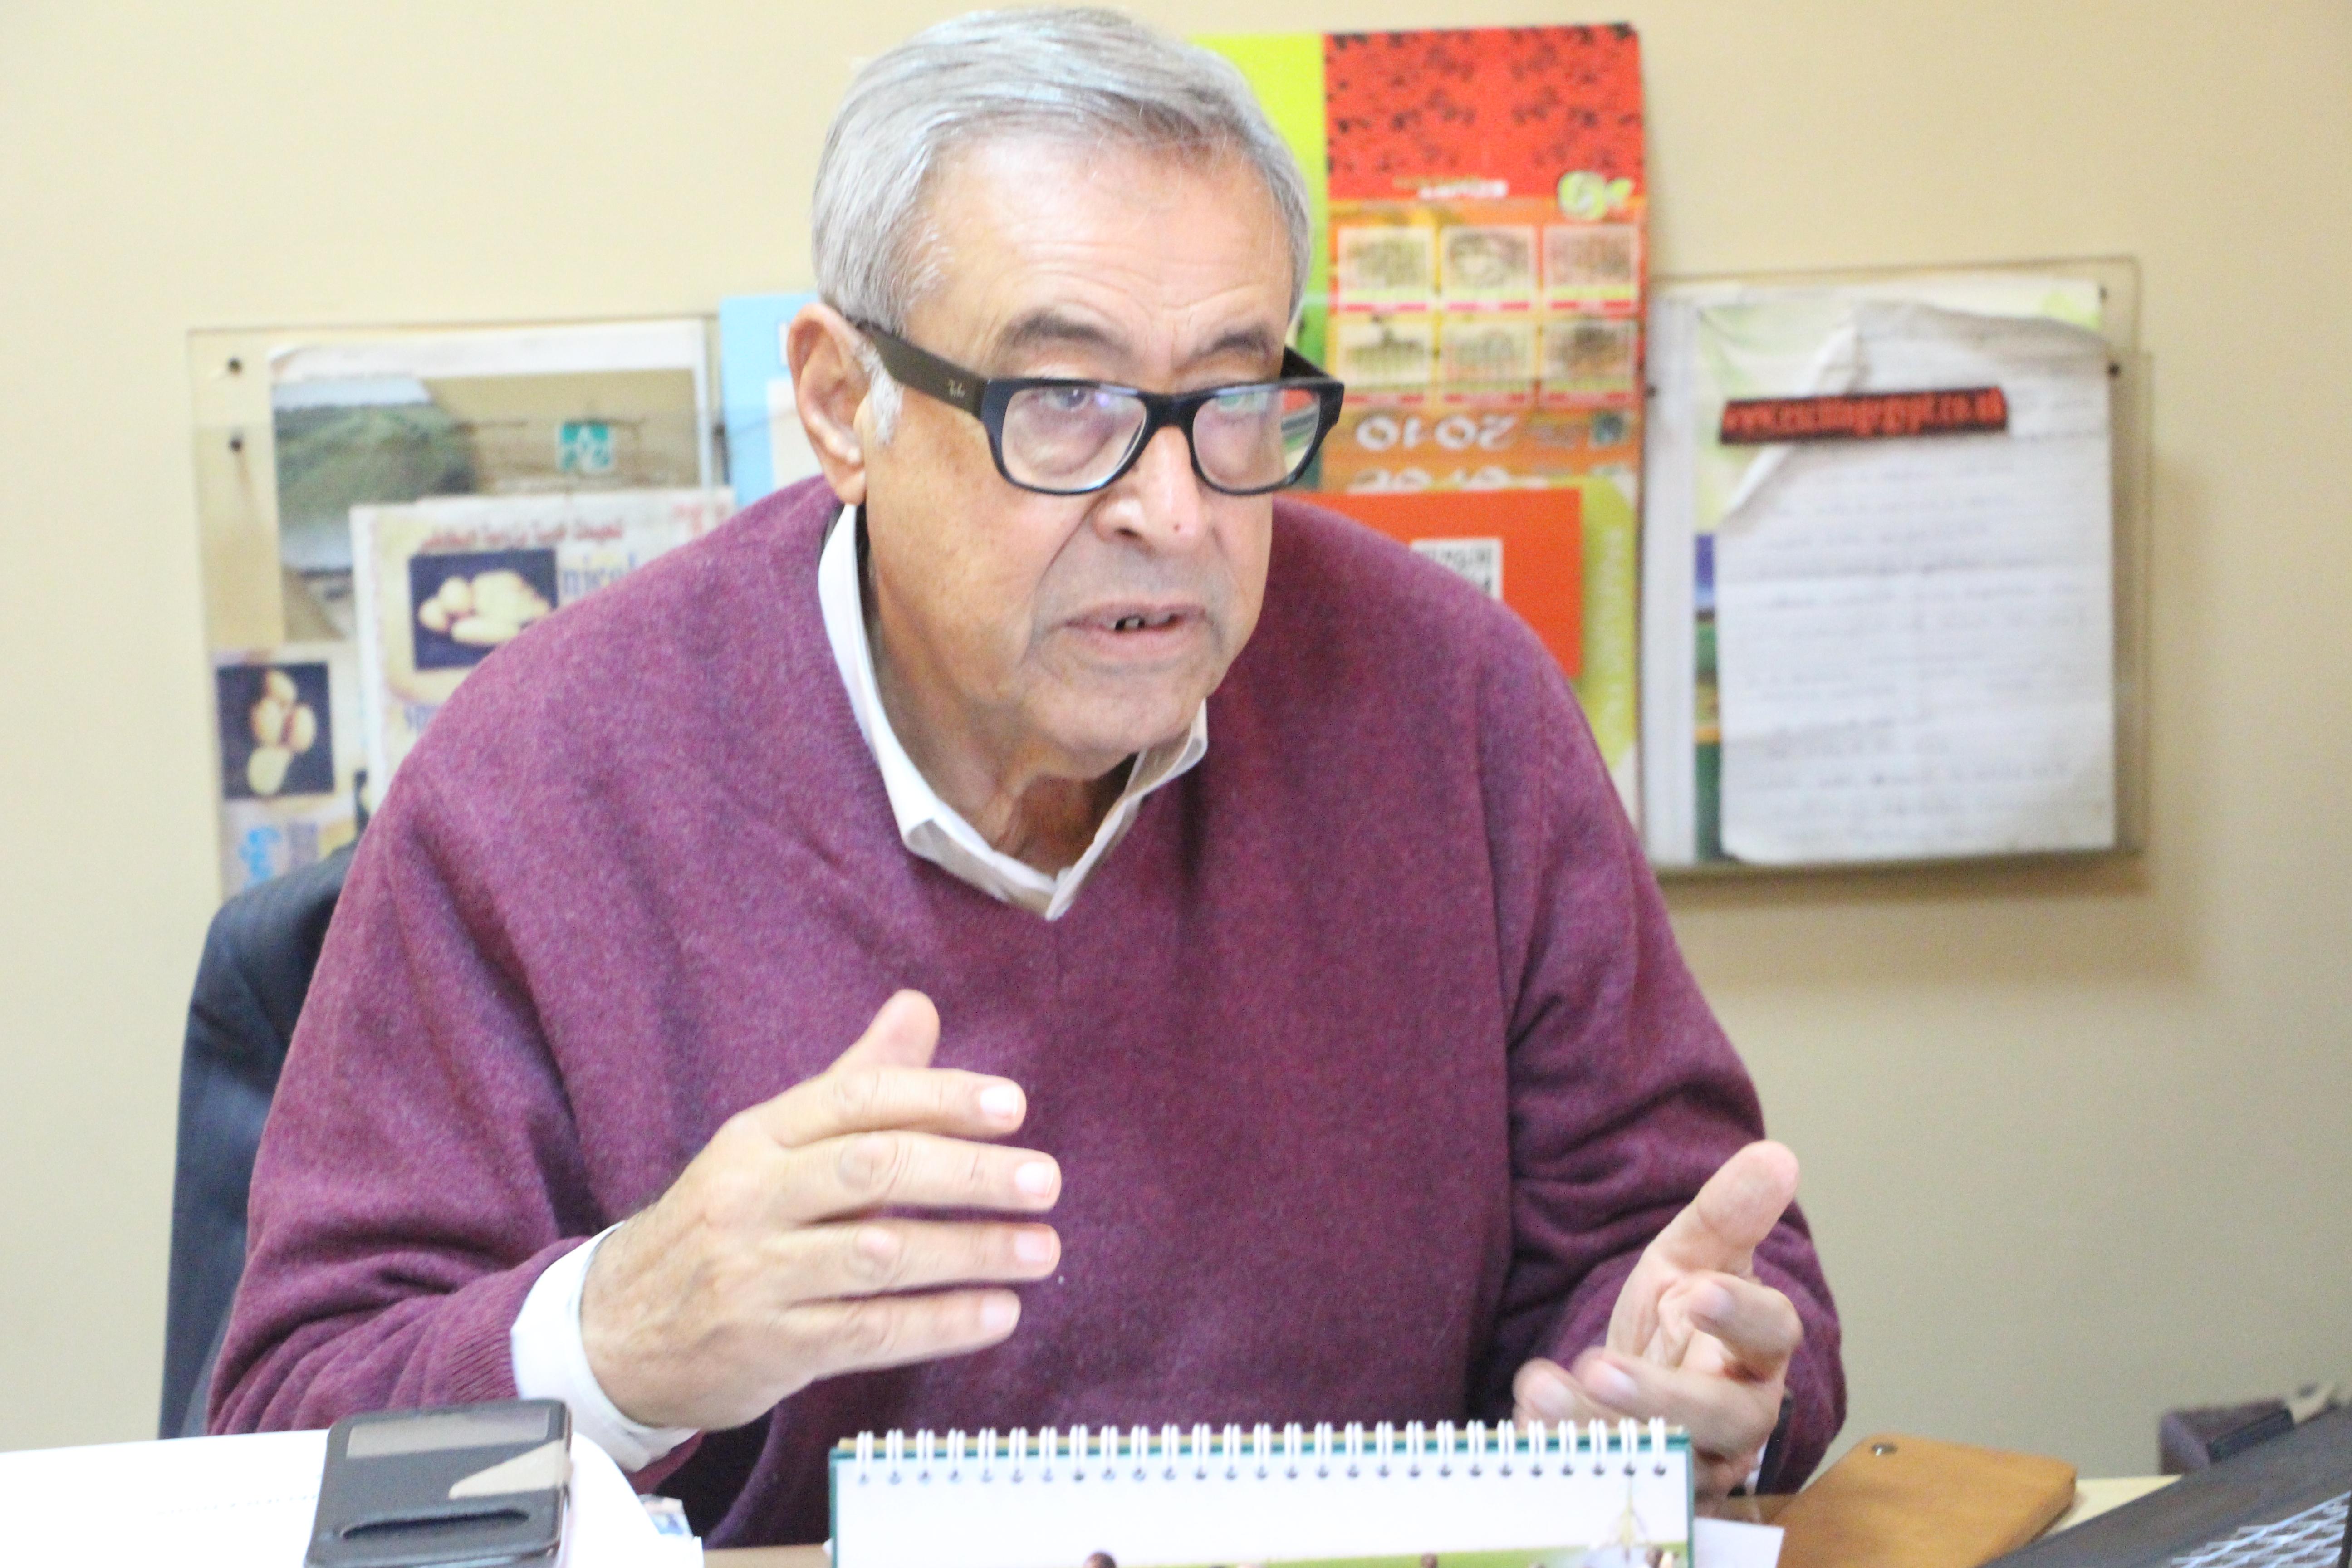 صورة قال إن الزراعة أمل مصر الاستاذ الدكتور محمد عادل الغندور: بناء الثقة مع العملاء أهم أولوياتت سنتك